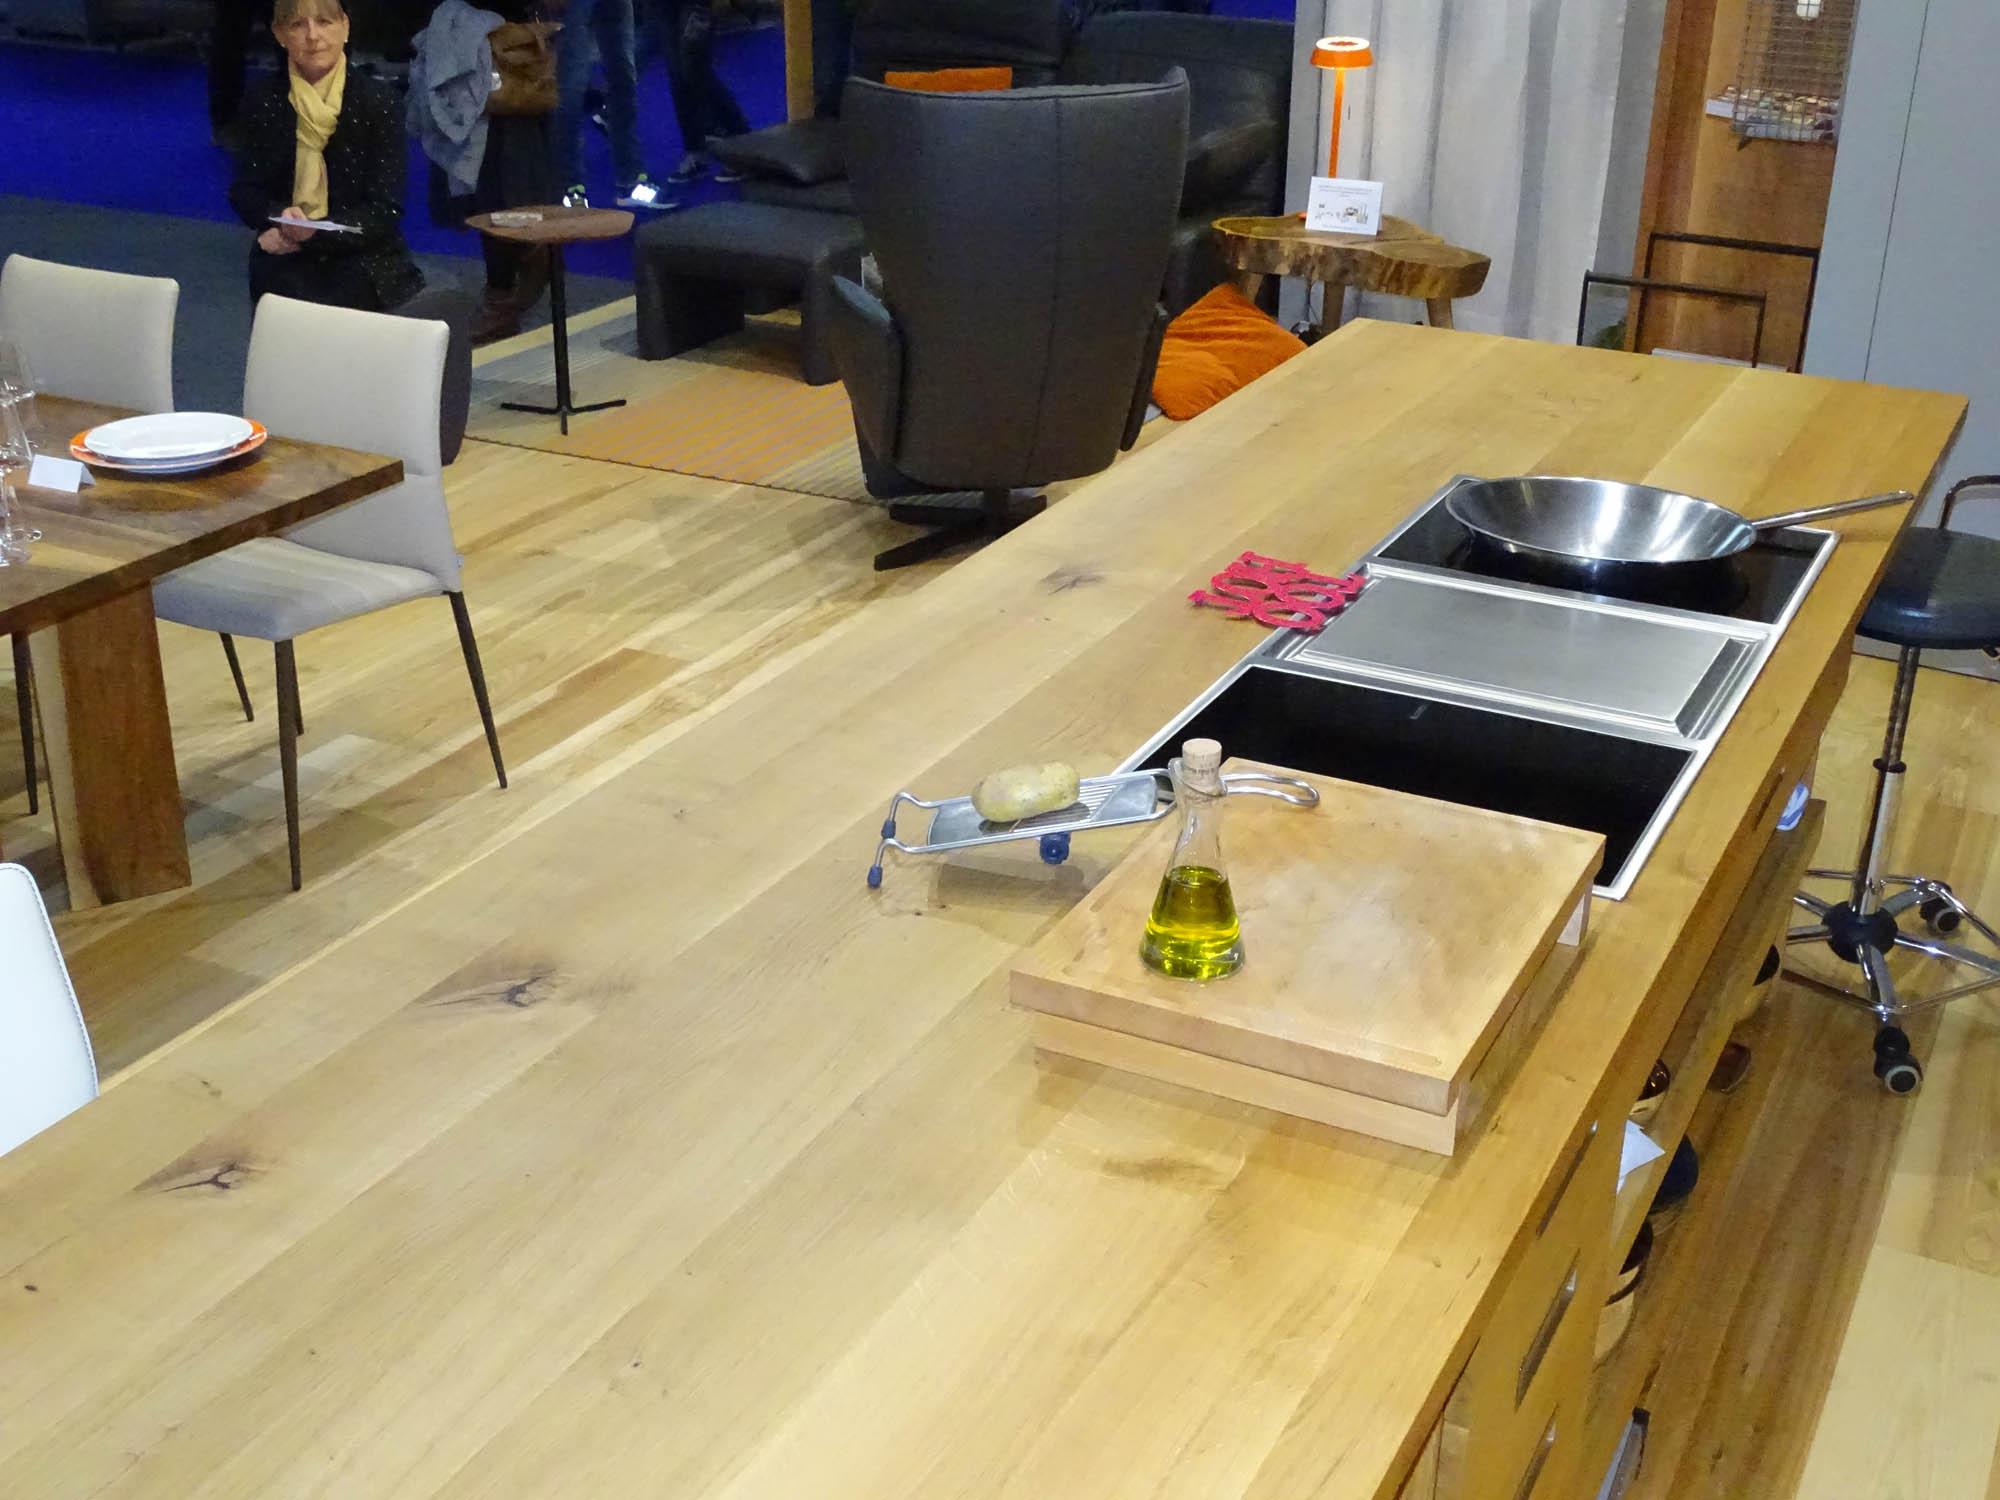 moderne massivholzk che aus eiche f r die heim und handwerk 2017 die m belmacher. Black Bedroom Furniture Sets. Home Design Ideas